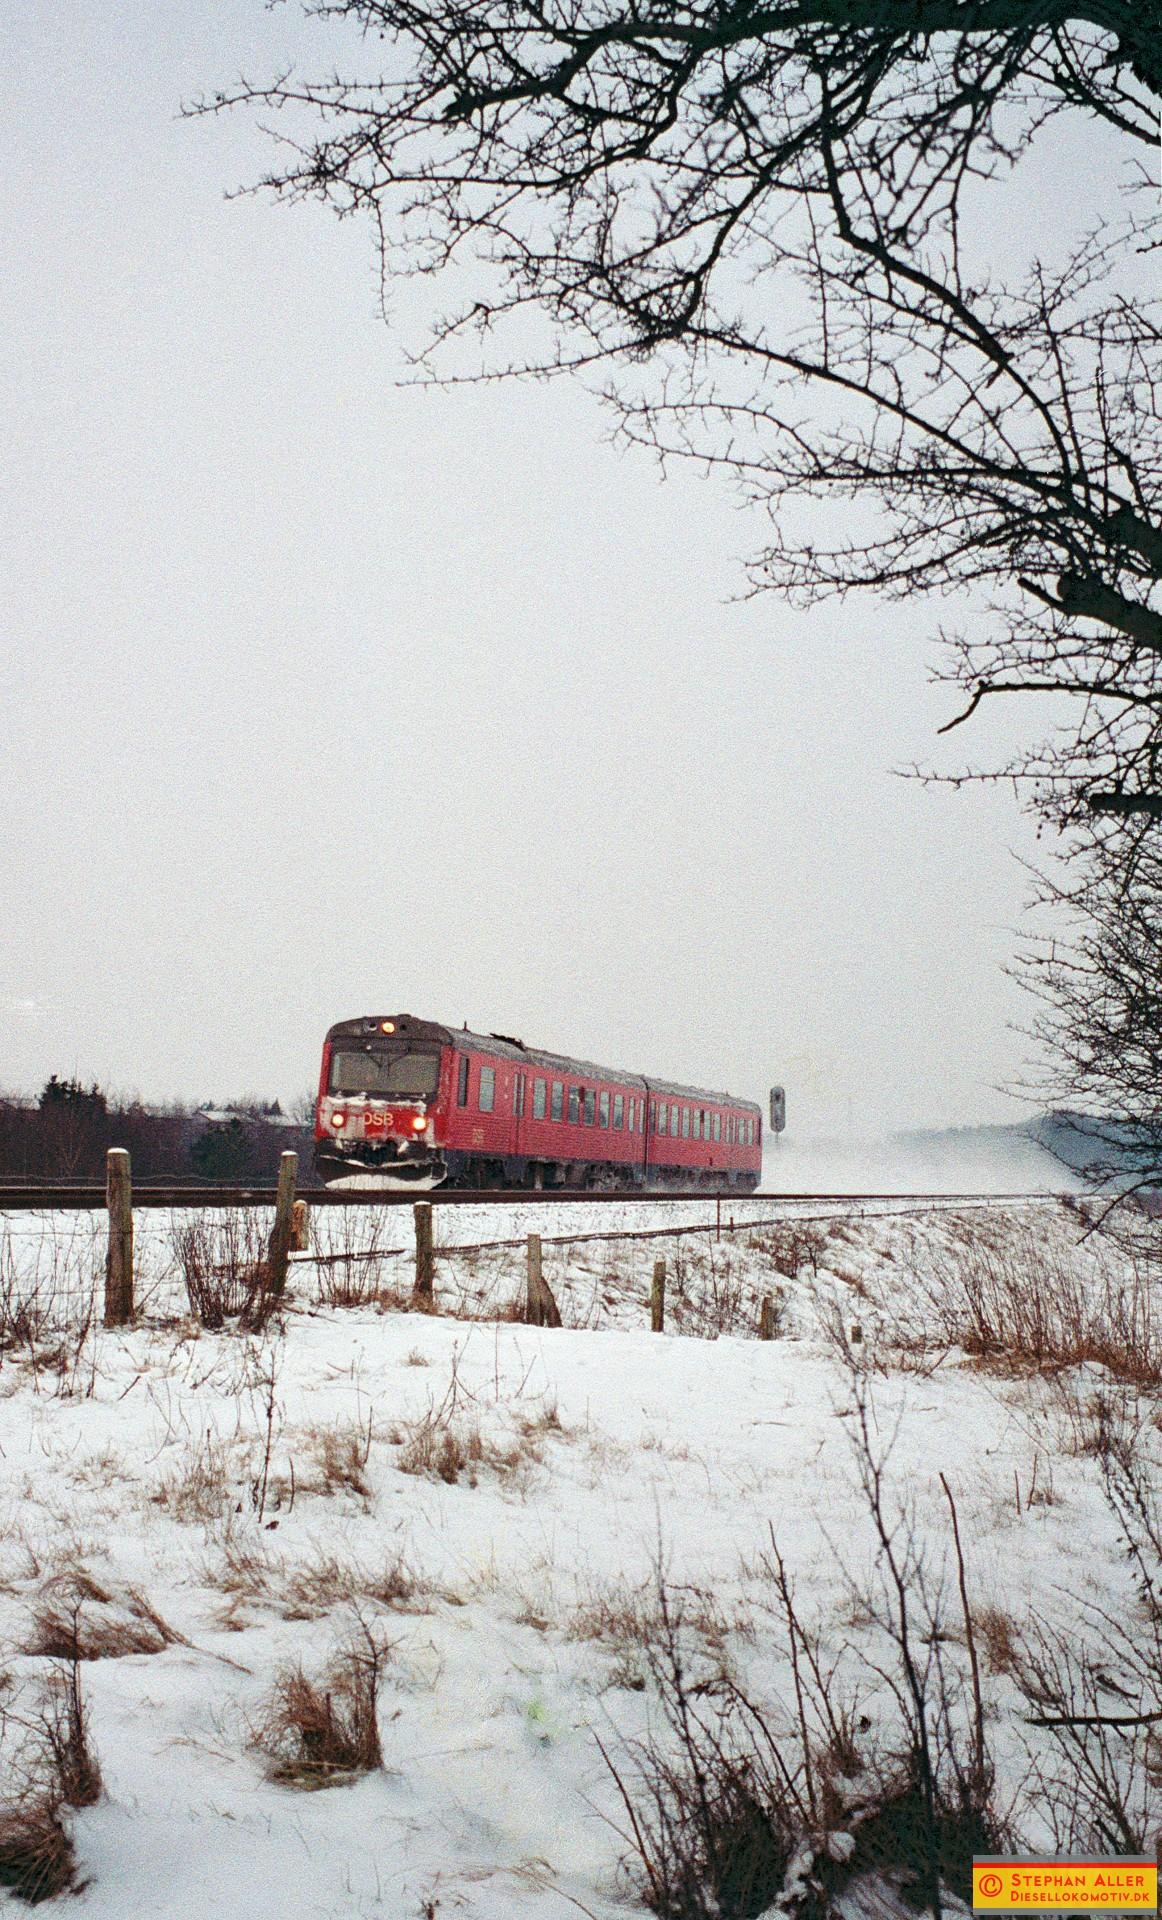 FN1057r.jpg